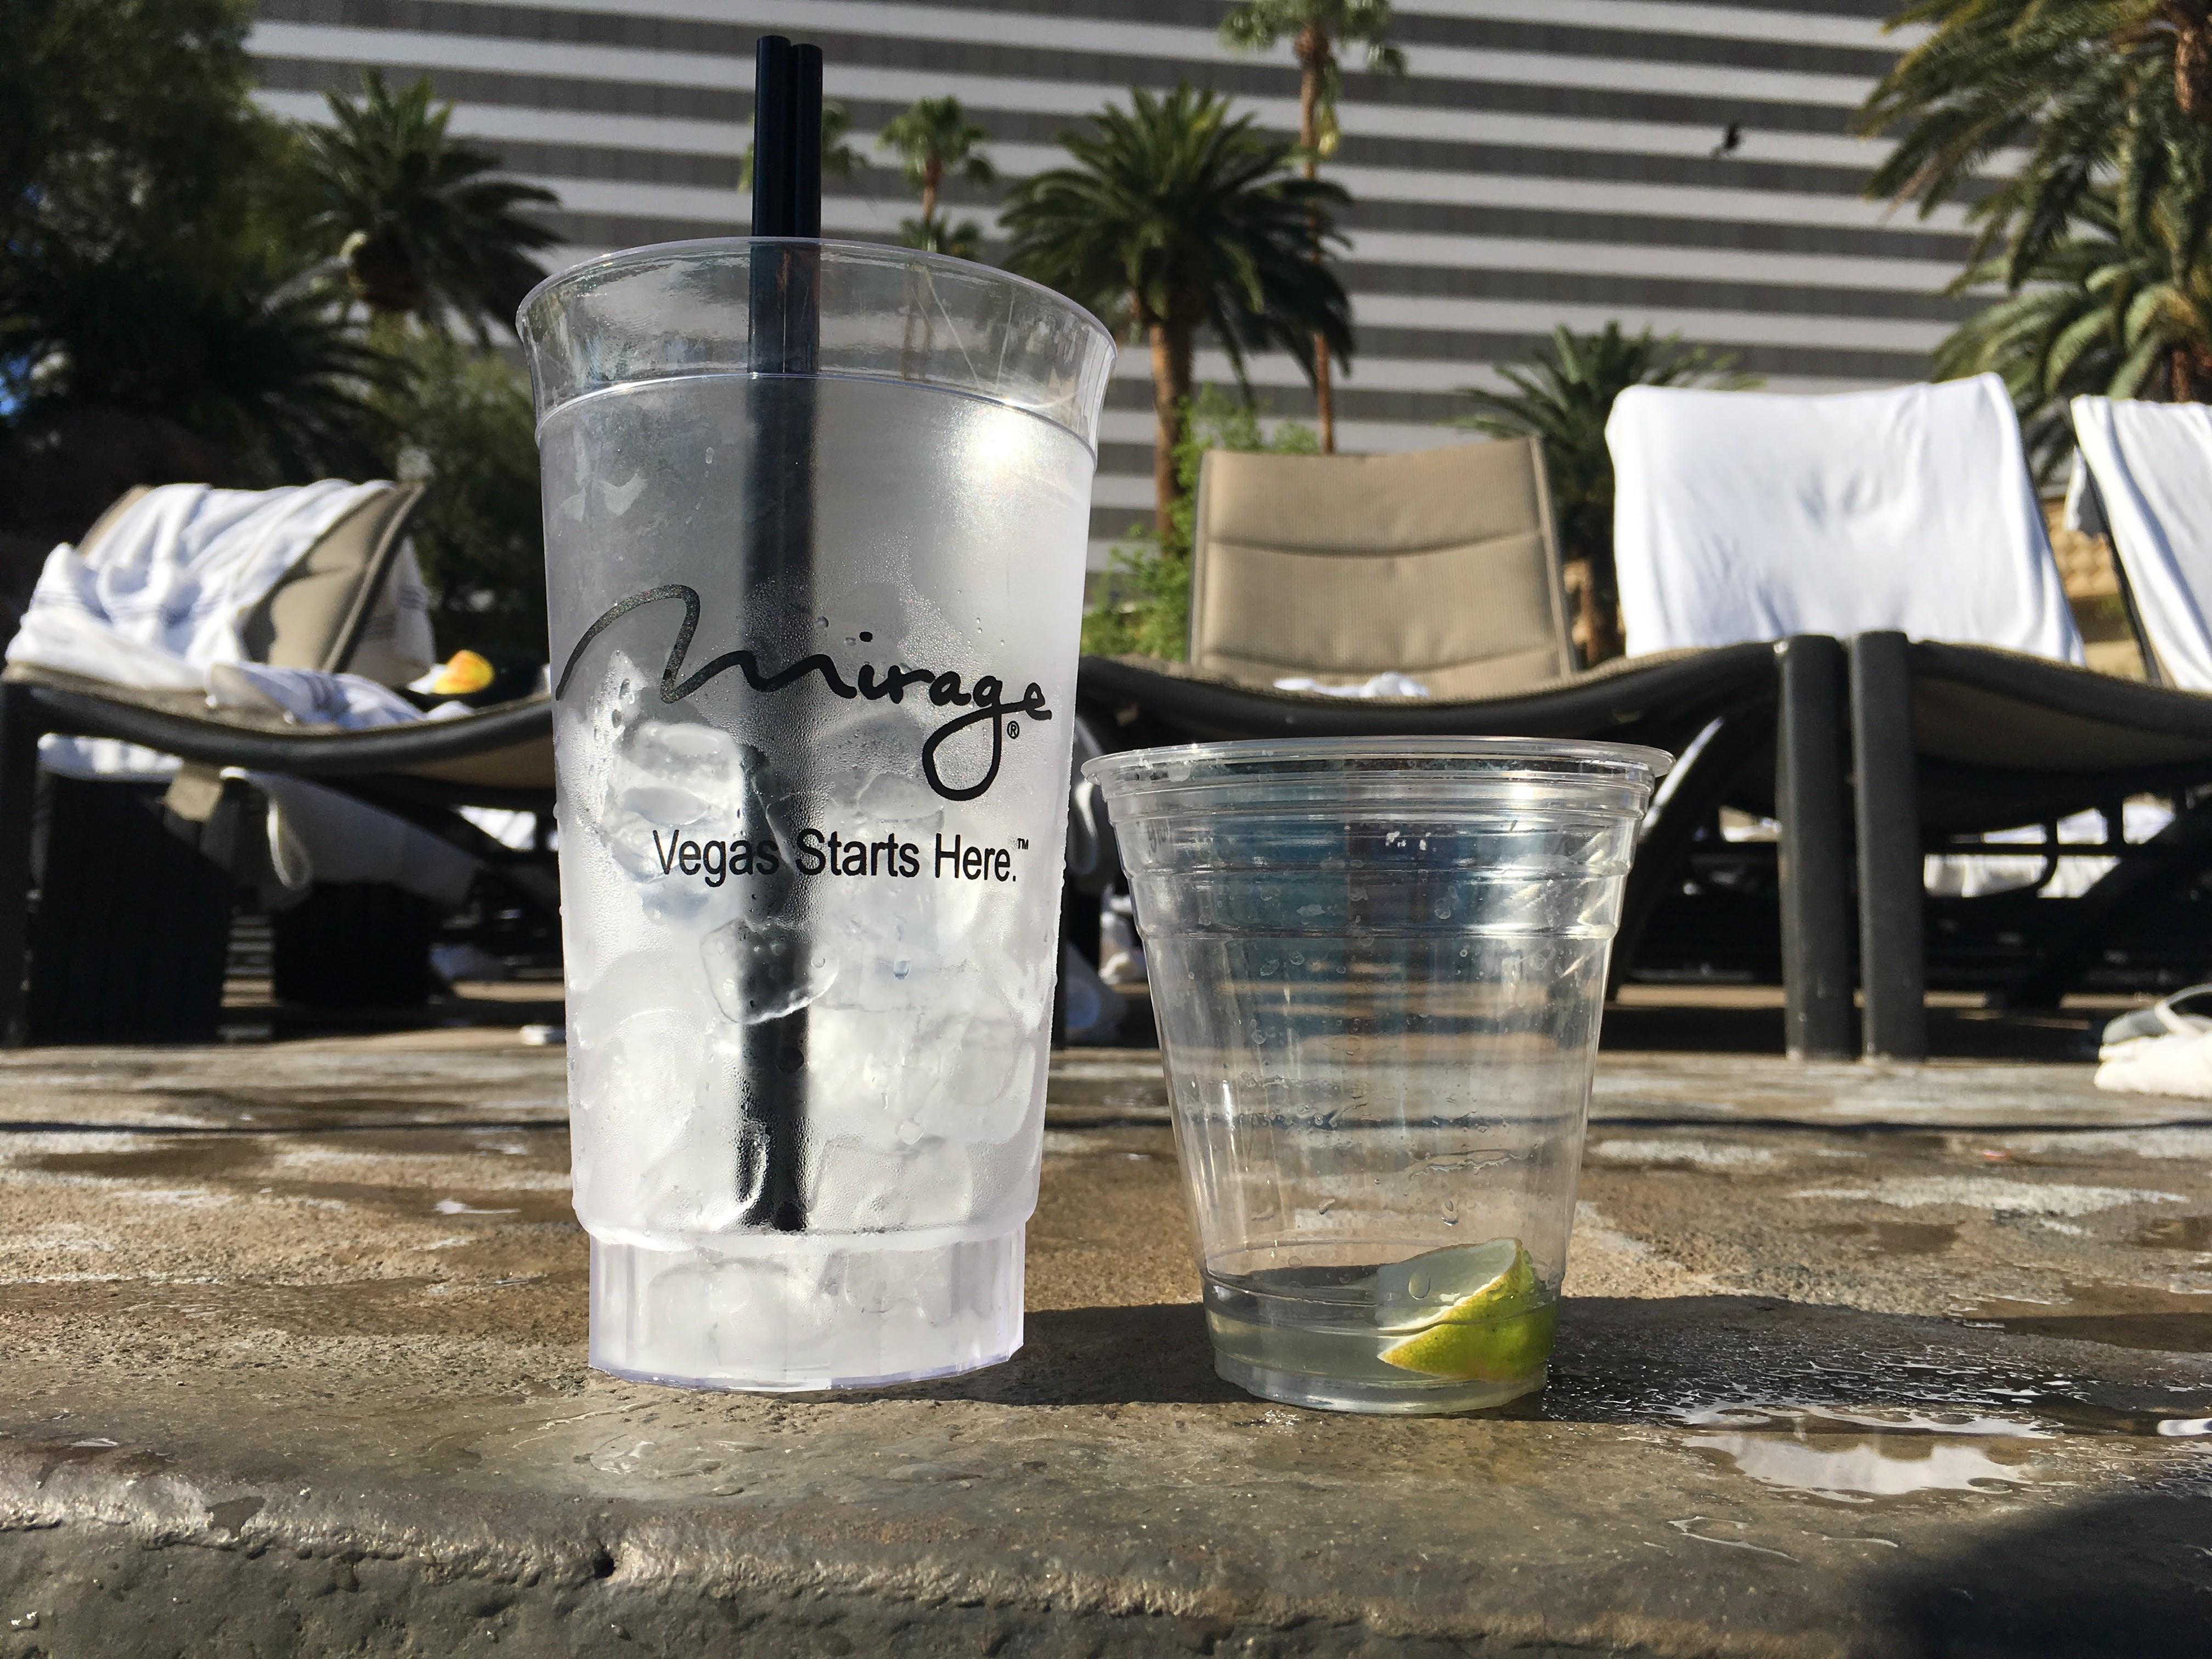 ミラージュ 屋外プールをラスベガスのホテルで満喫。暑さをしのぎつつフォトジェニックな1枚に挑戦!